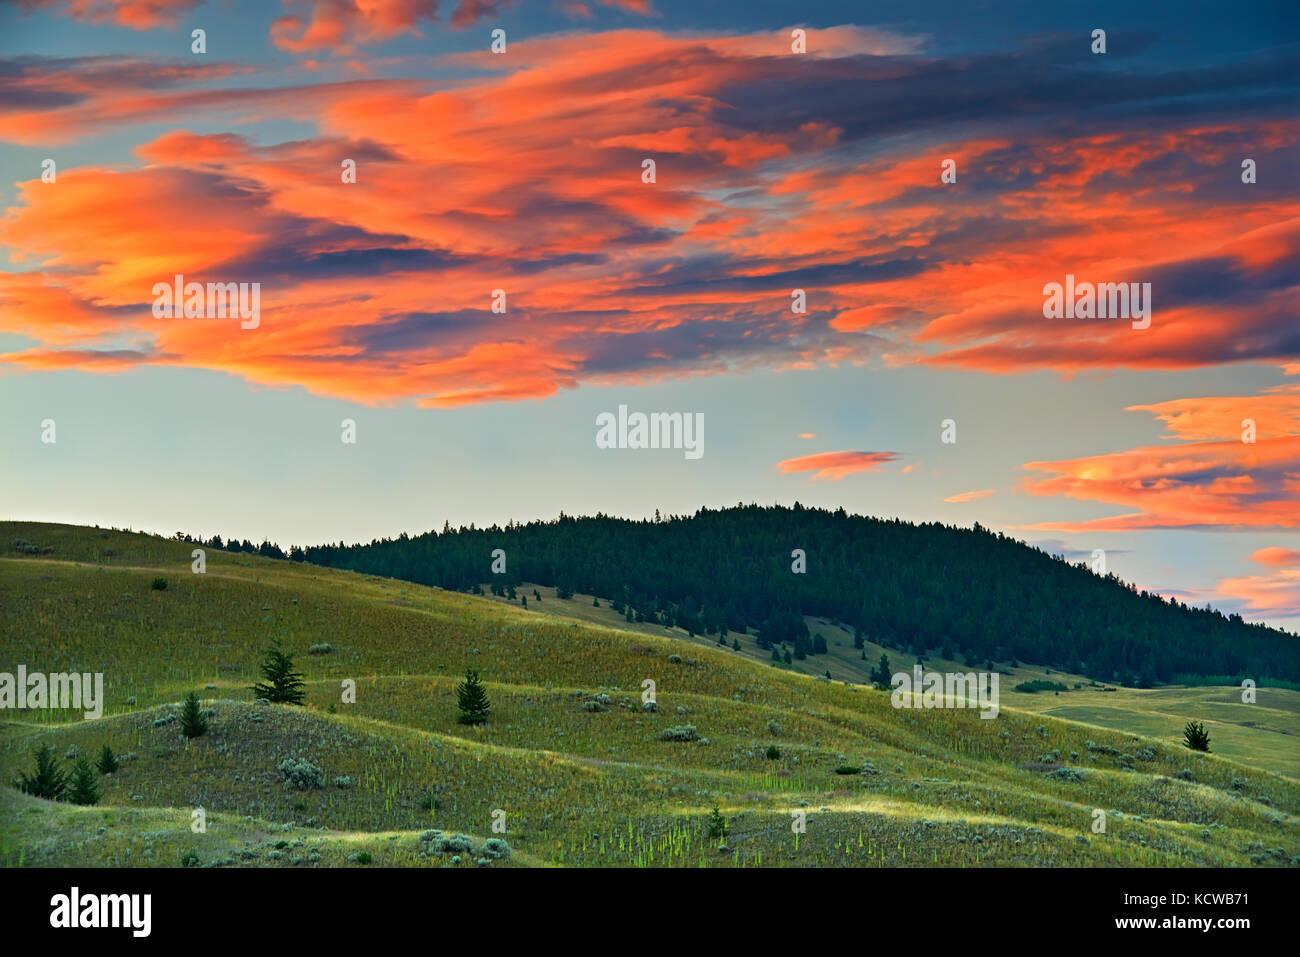 L'écosystème des prairies, Kamloops, Colombie-Britannique, Canada Photo Stock